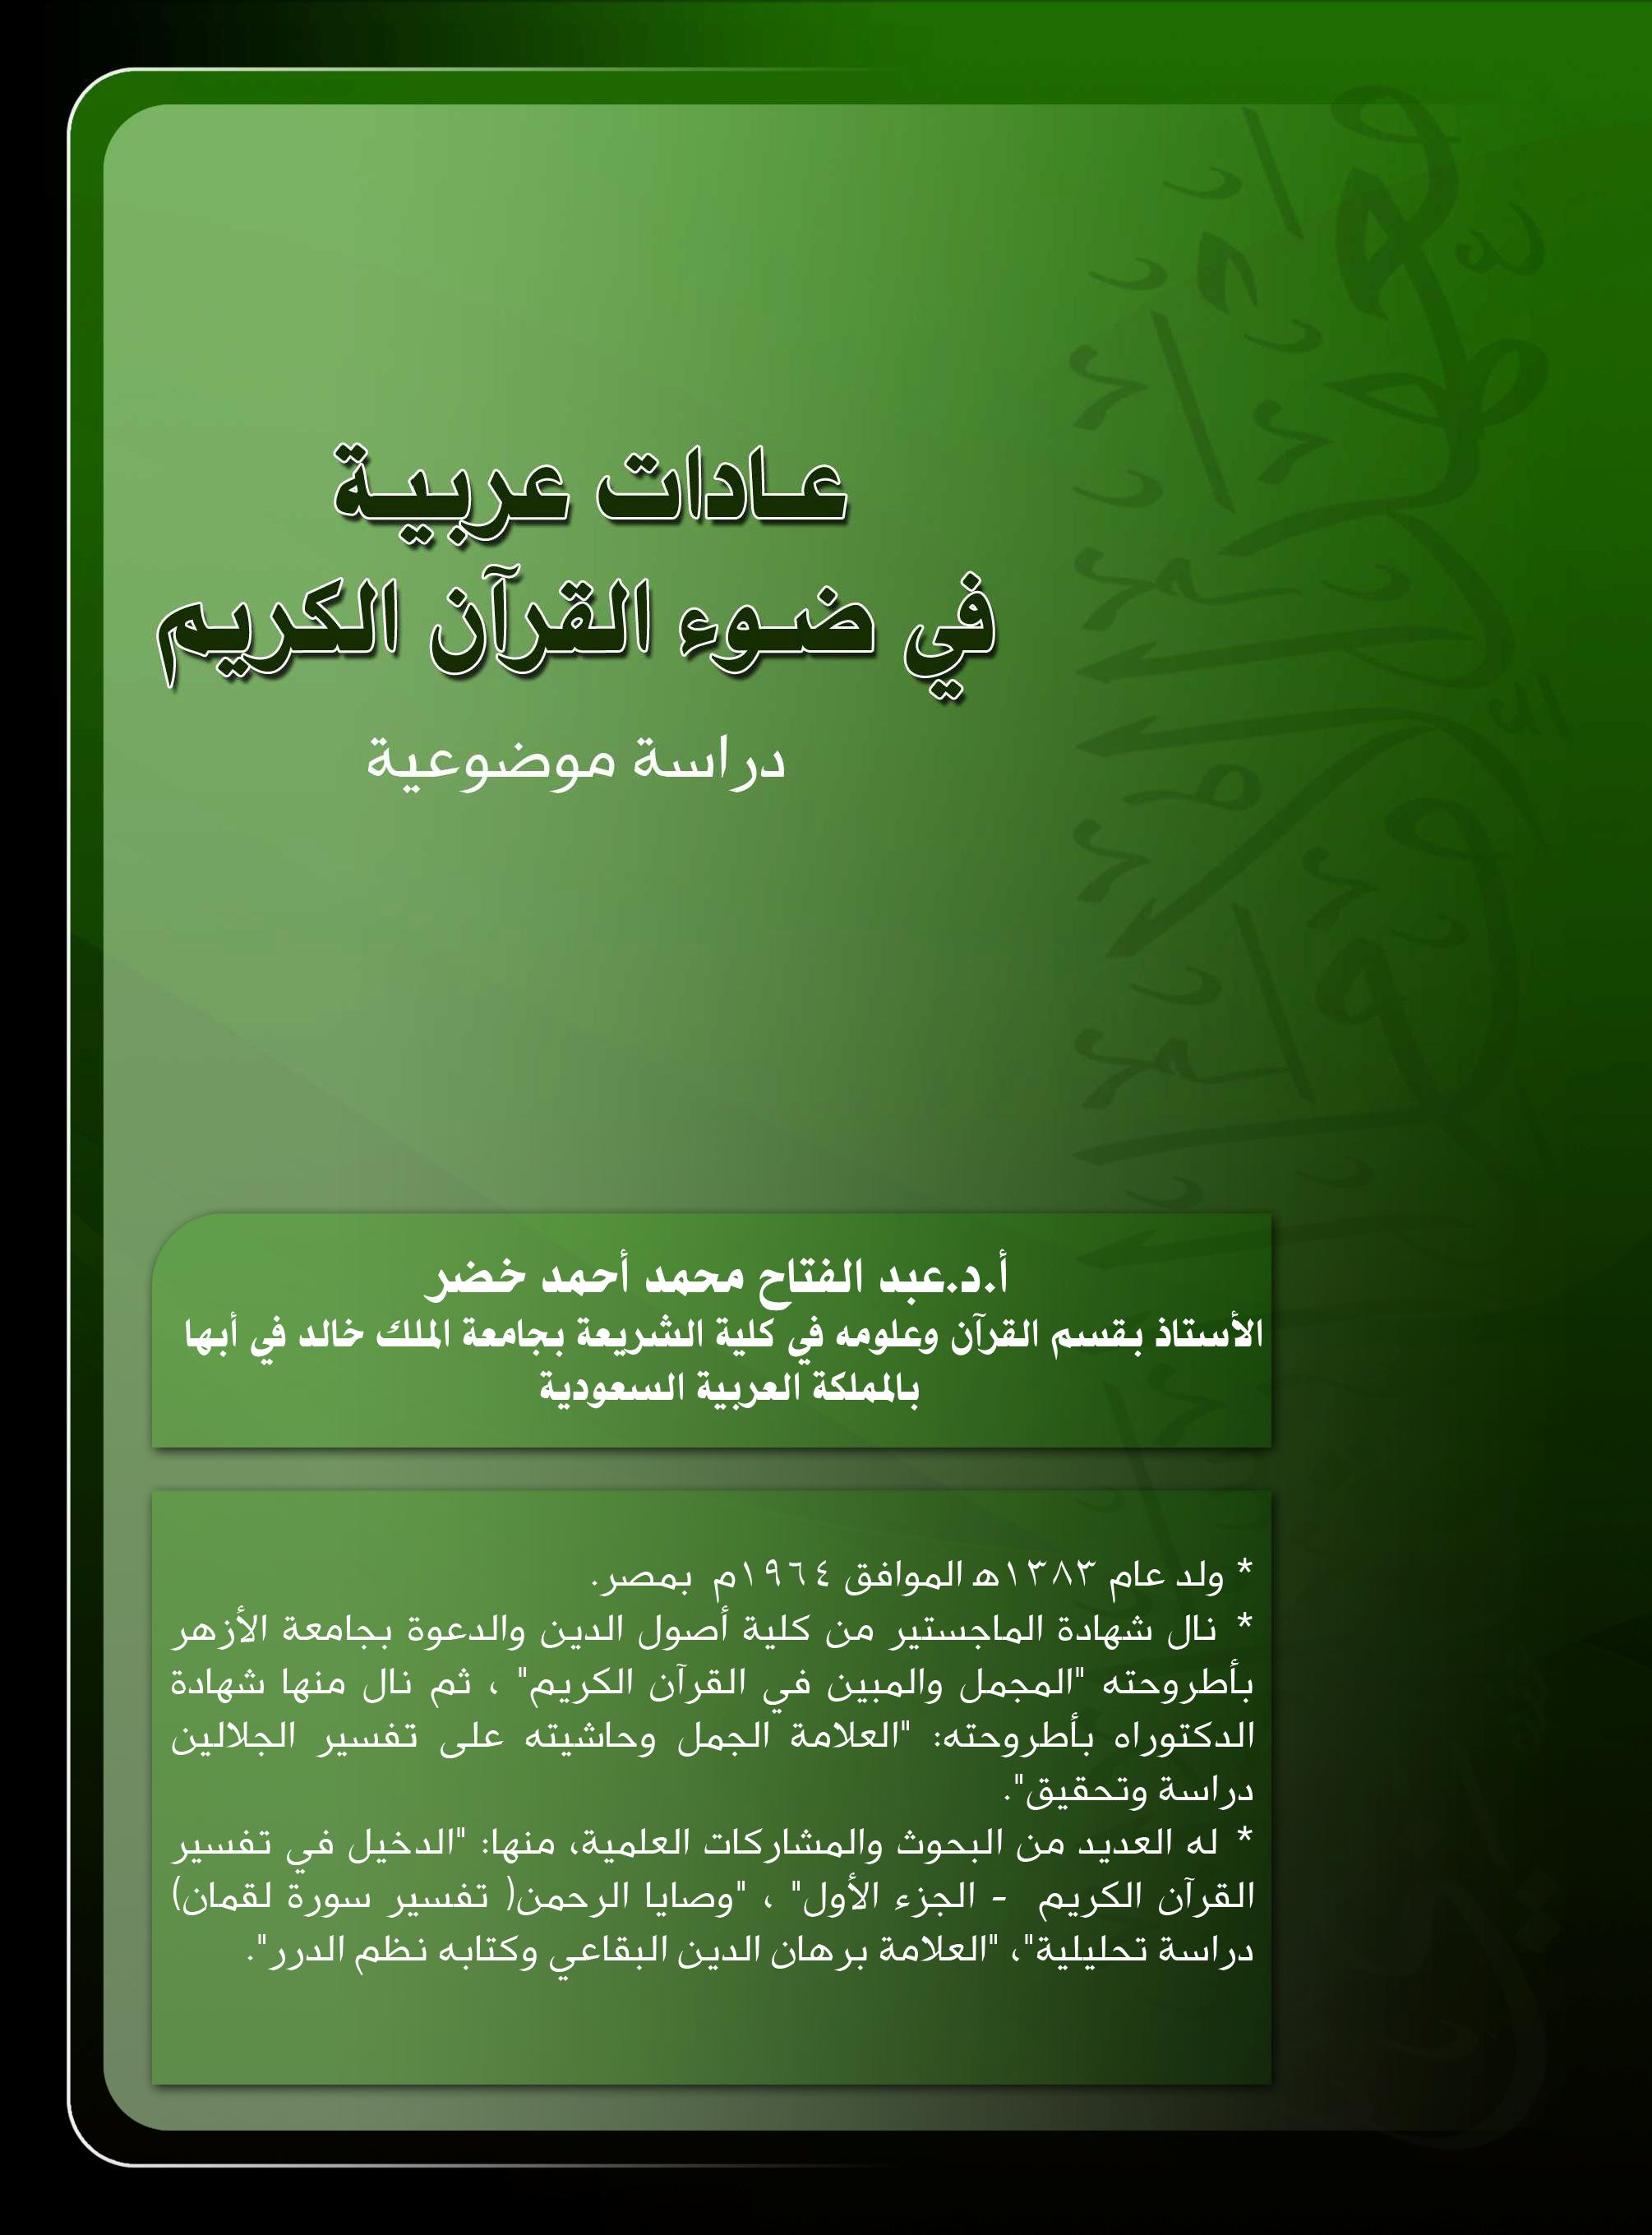 تحميل كتاب عادات عربية في ضوء القرآن الكريم (دراسة موضوعية) لـِ: الدكتور عبد الفتاح محمد أحمد خضر